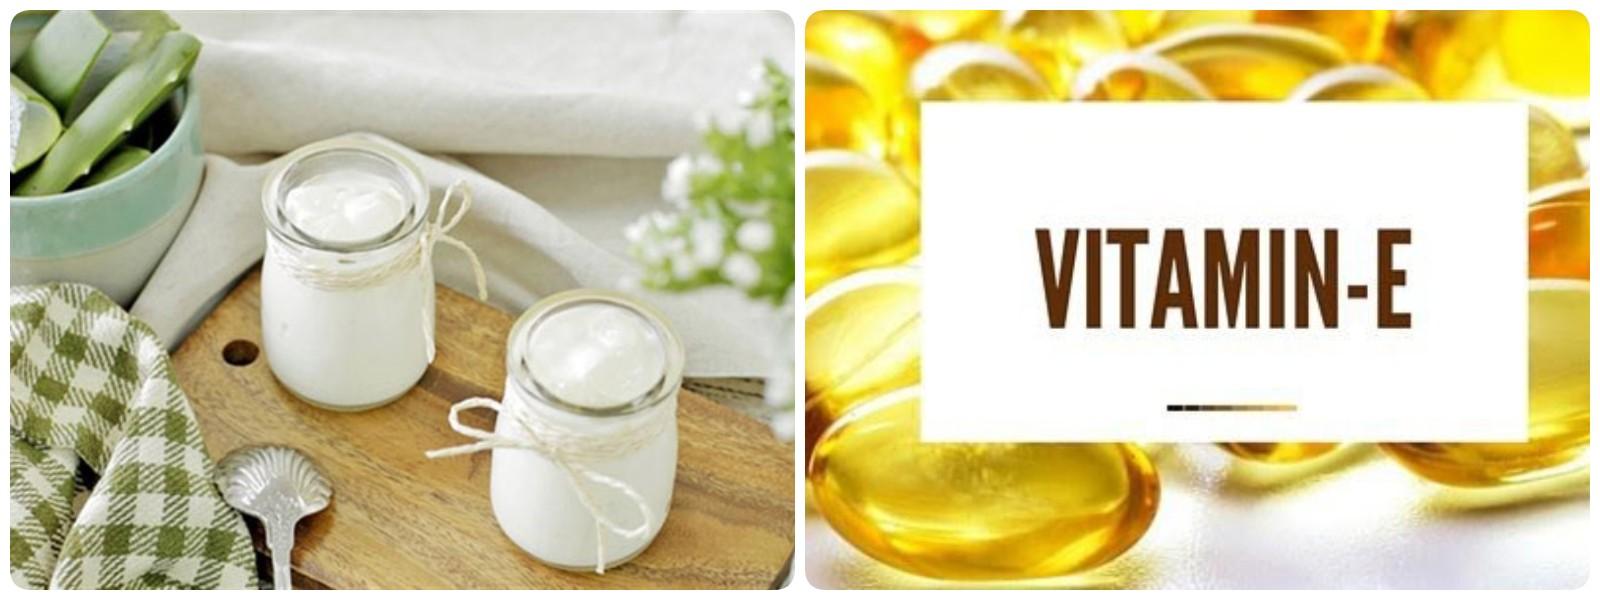 Làm mặt nạ sữa chua kết hợp vitamin E cho da bị thâm mụn